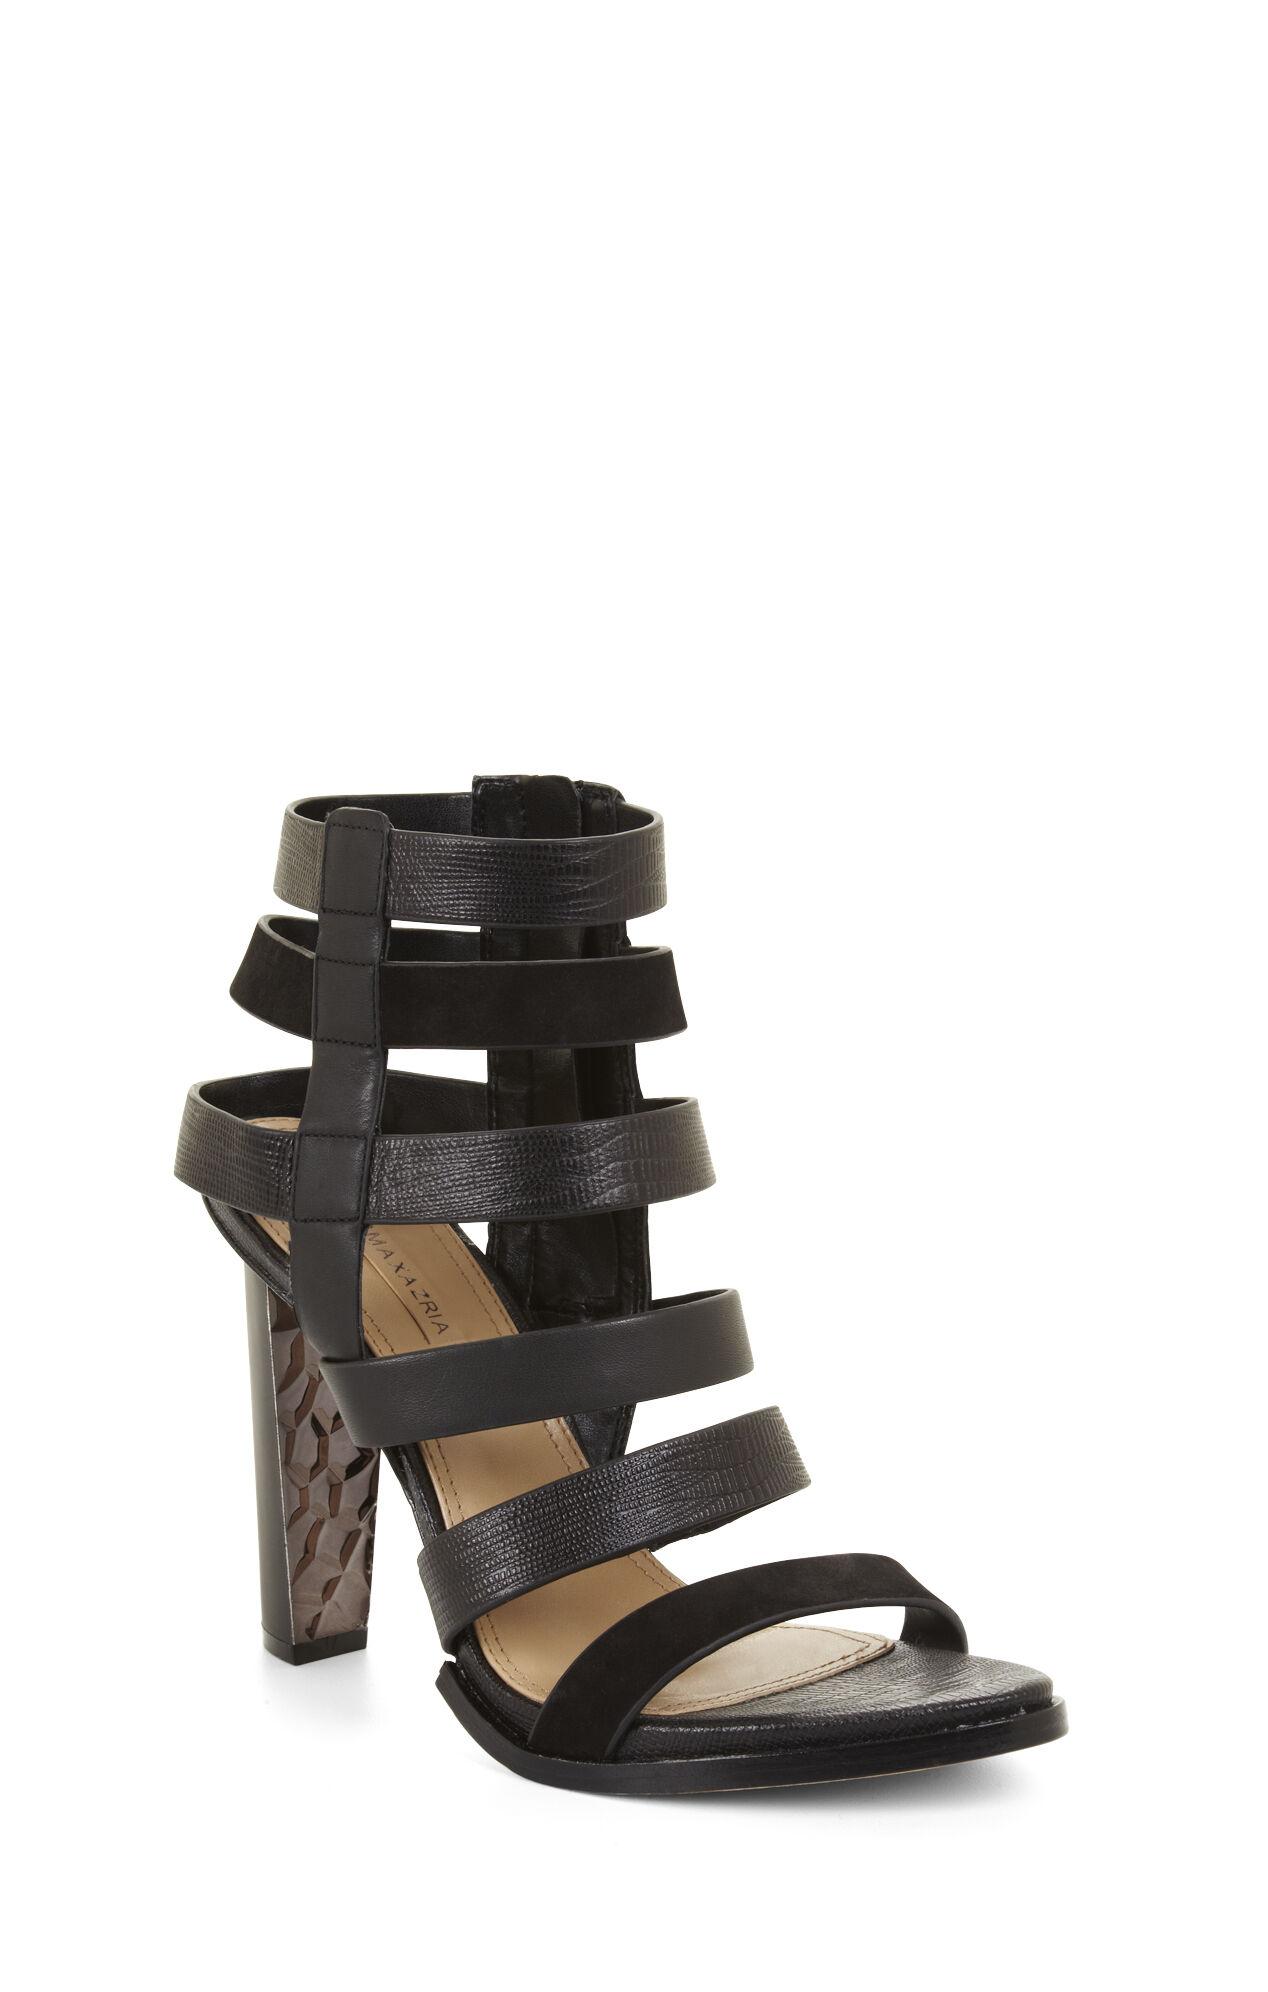 Luke High-Heel Multi-Strap Day Sandal